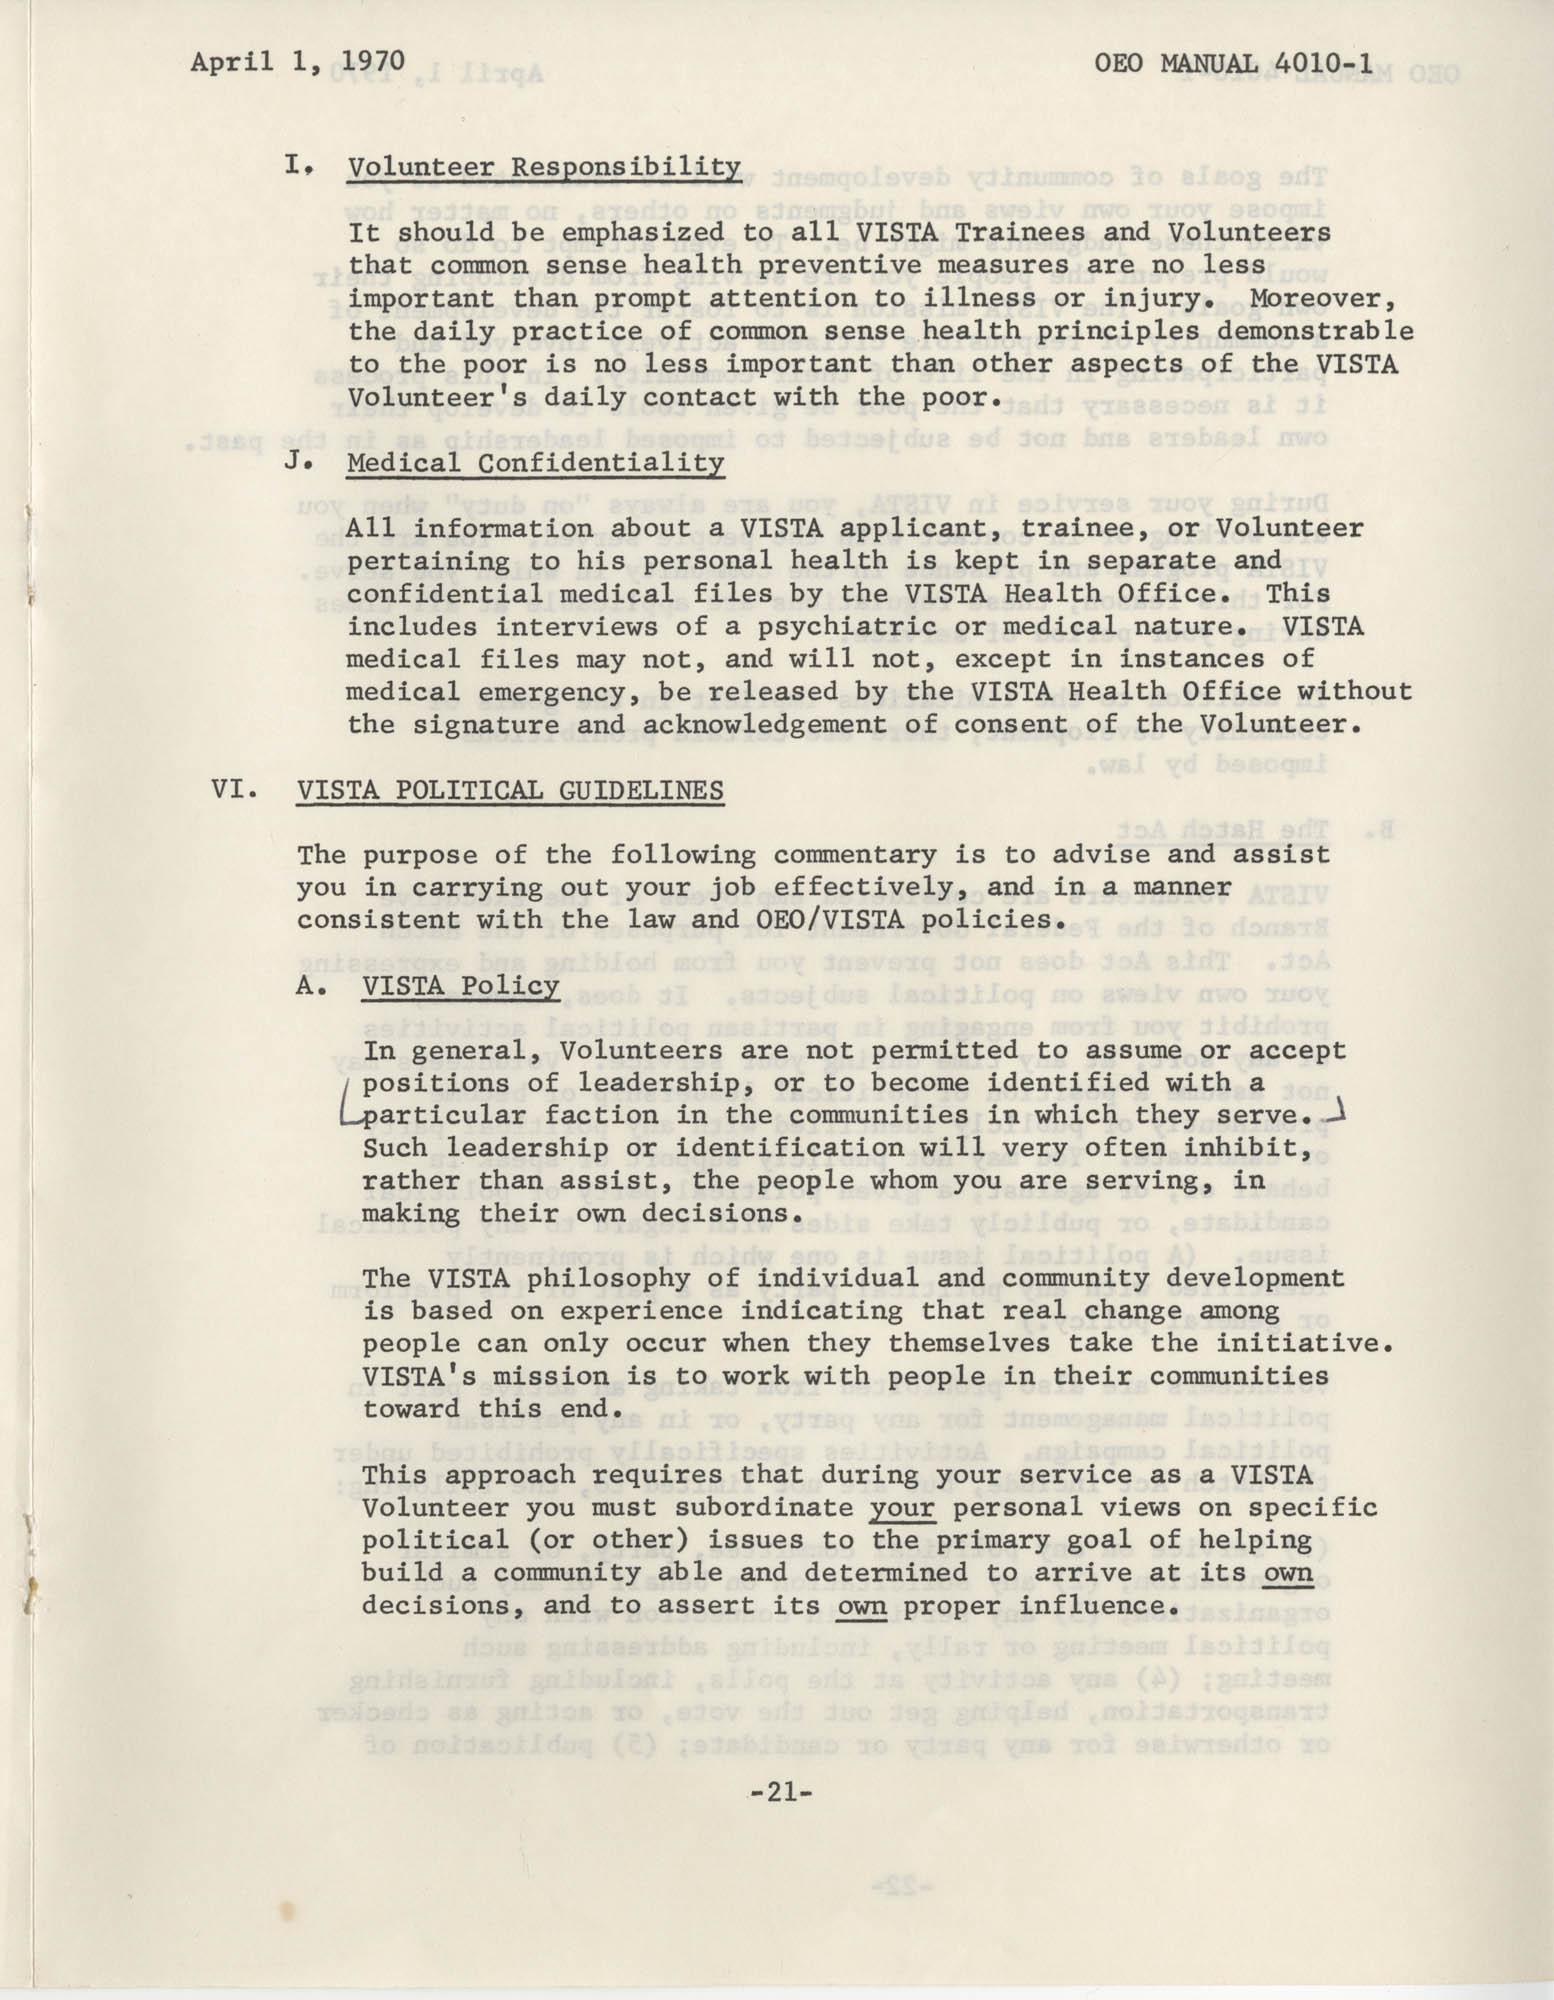 Vista Volunteer Handbook, April 1970, Page 21